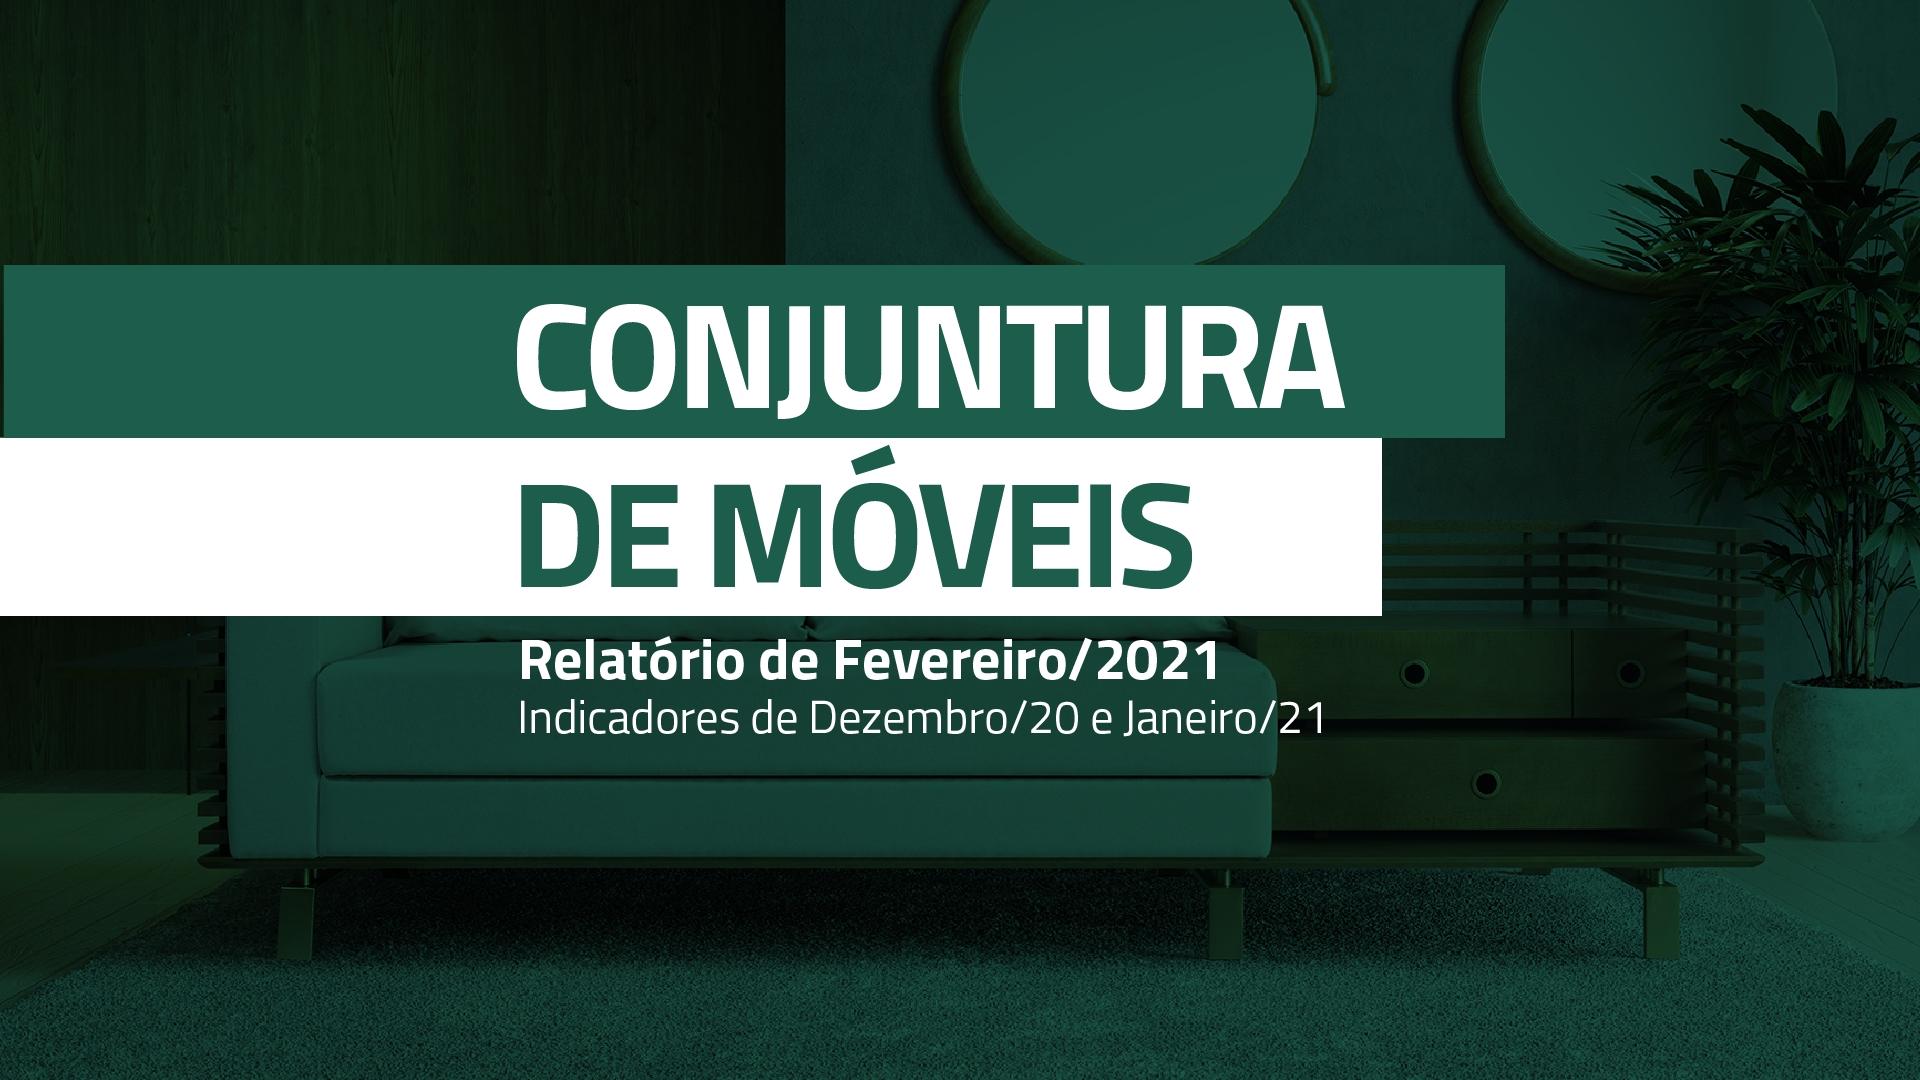 conjuntura_de_moveis_2021-02